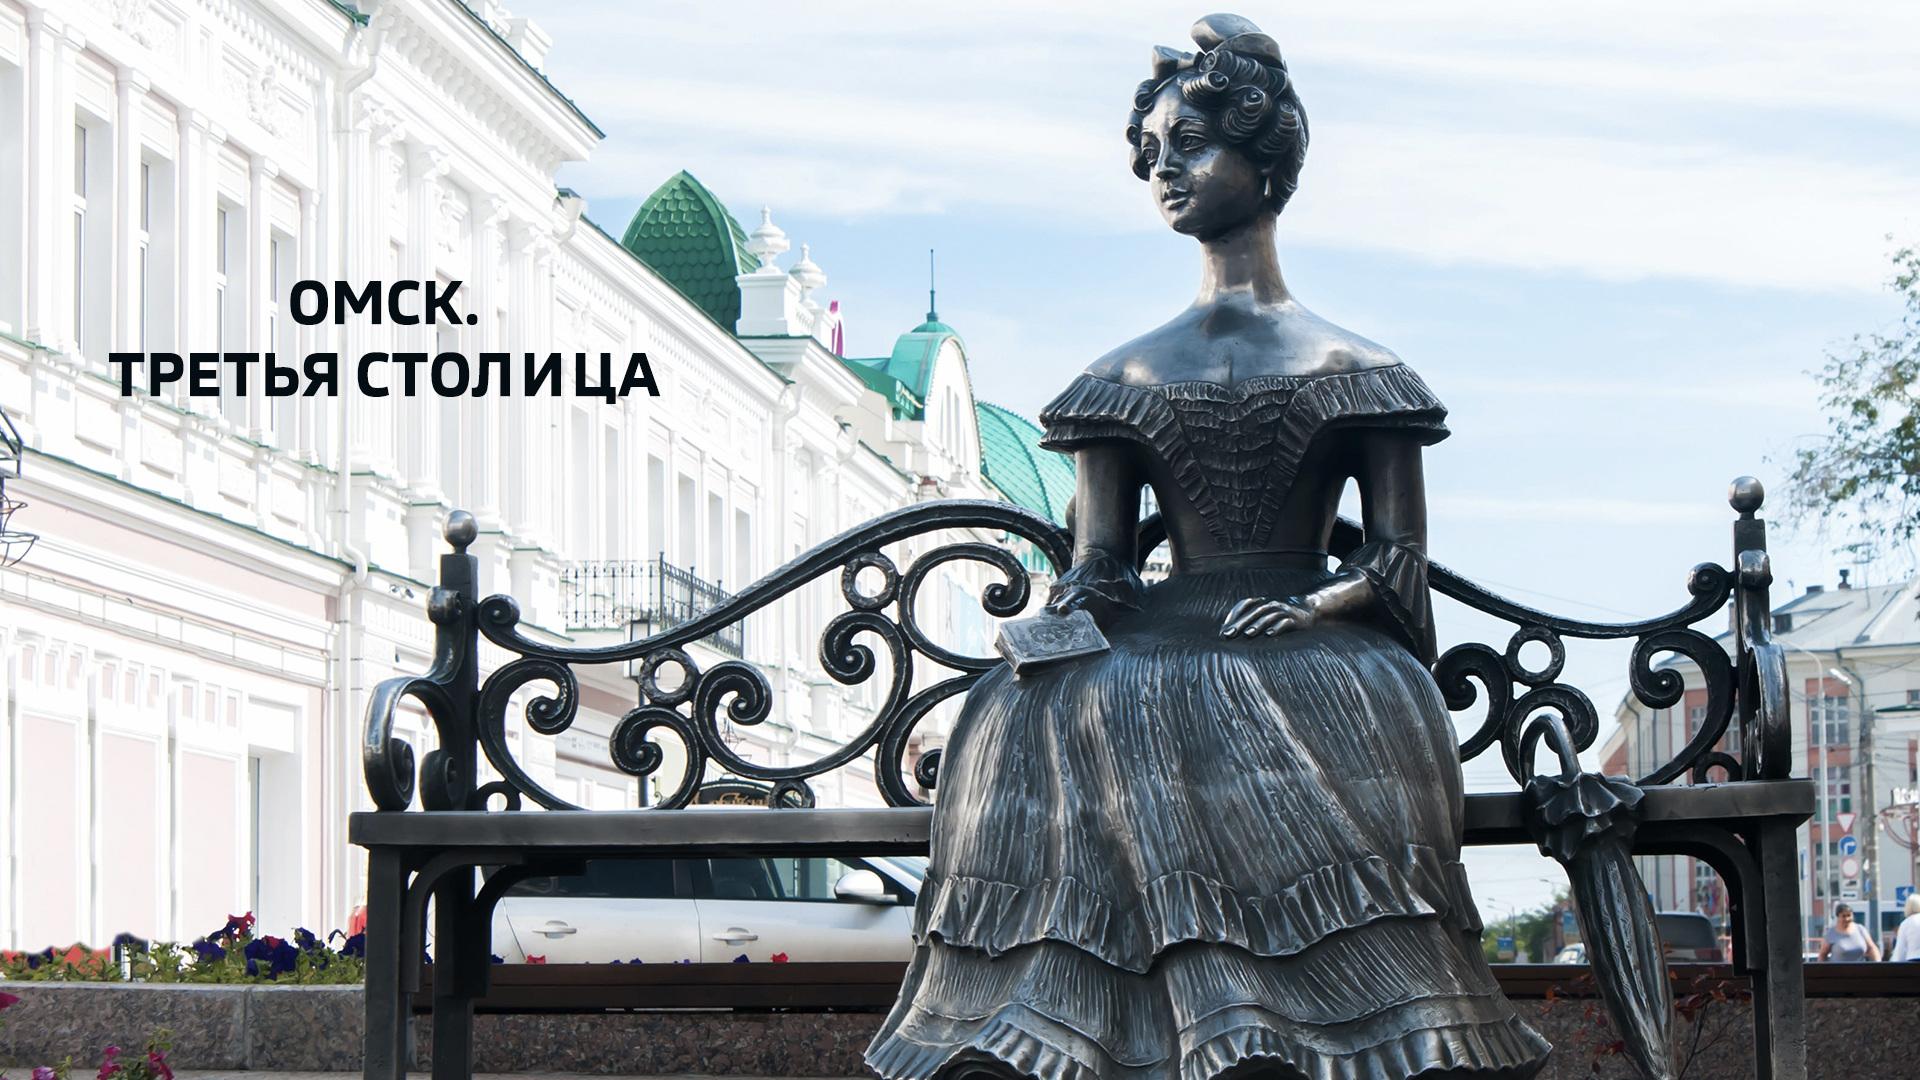 Омск. Третья столица